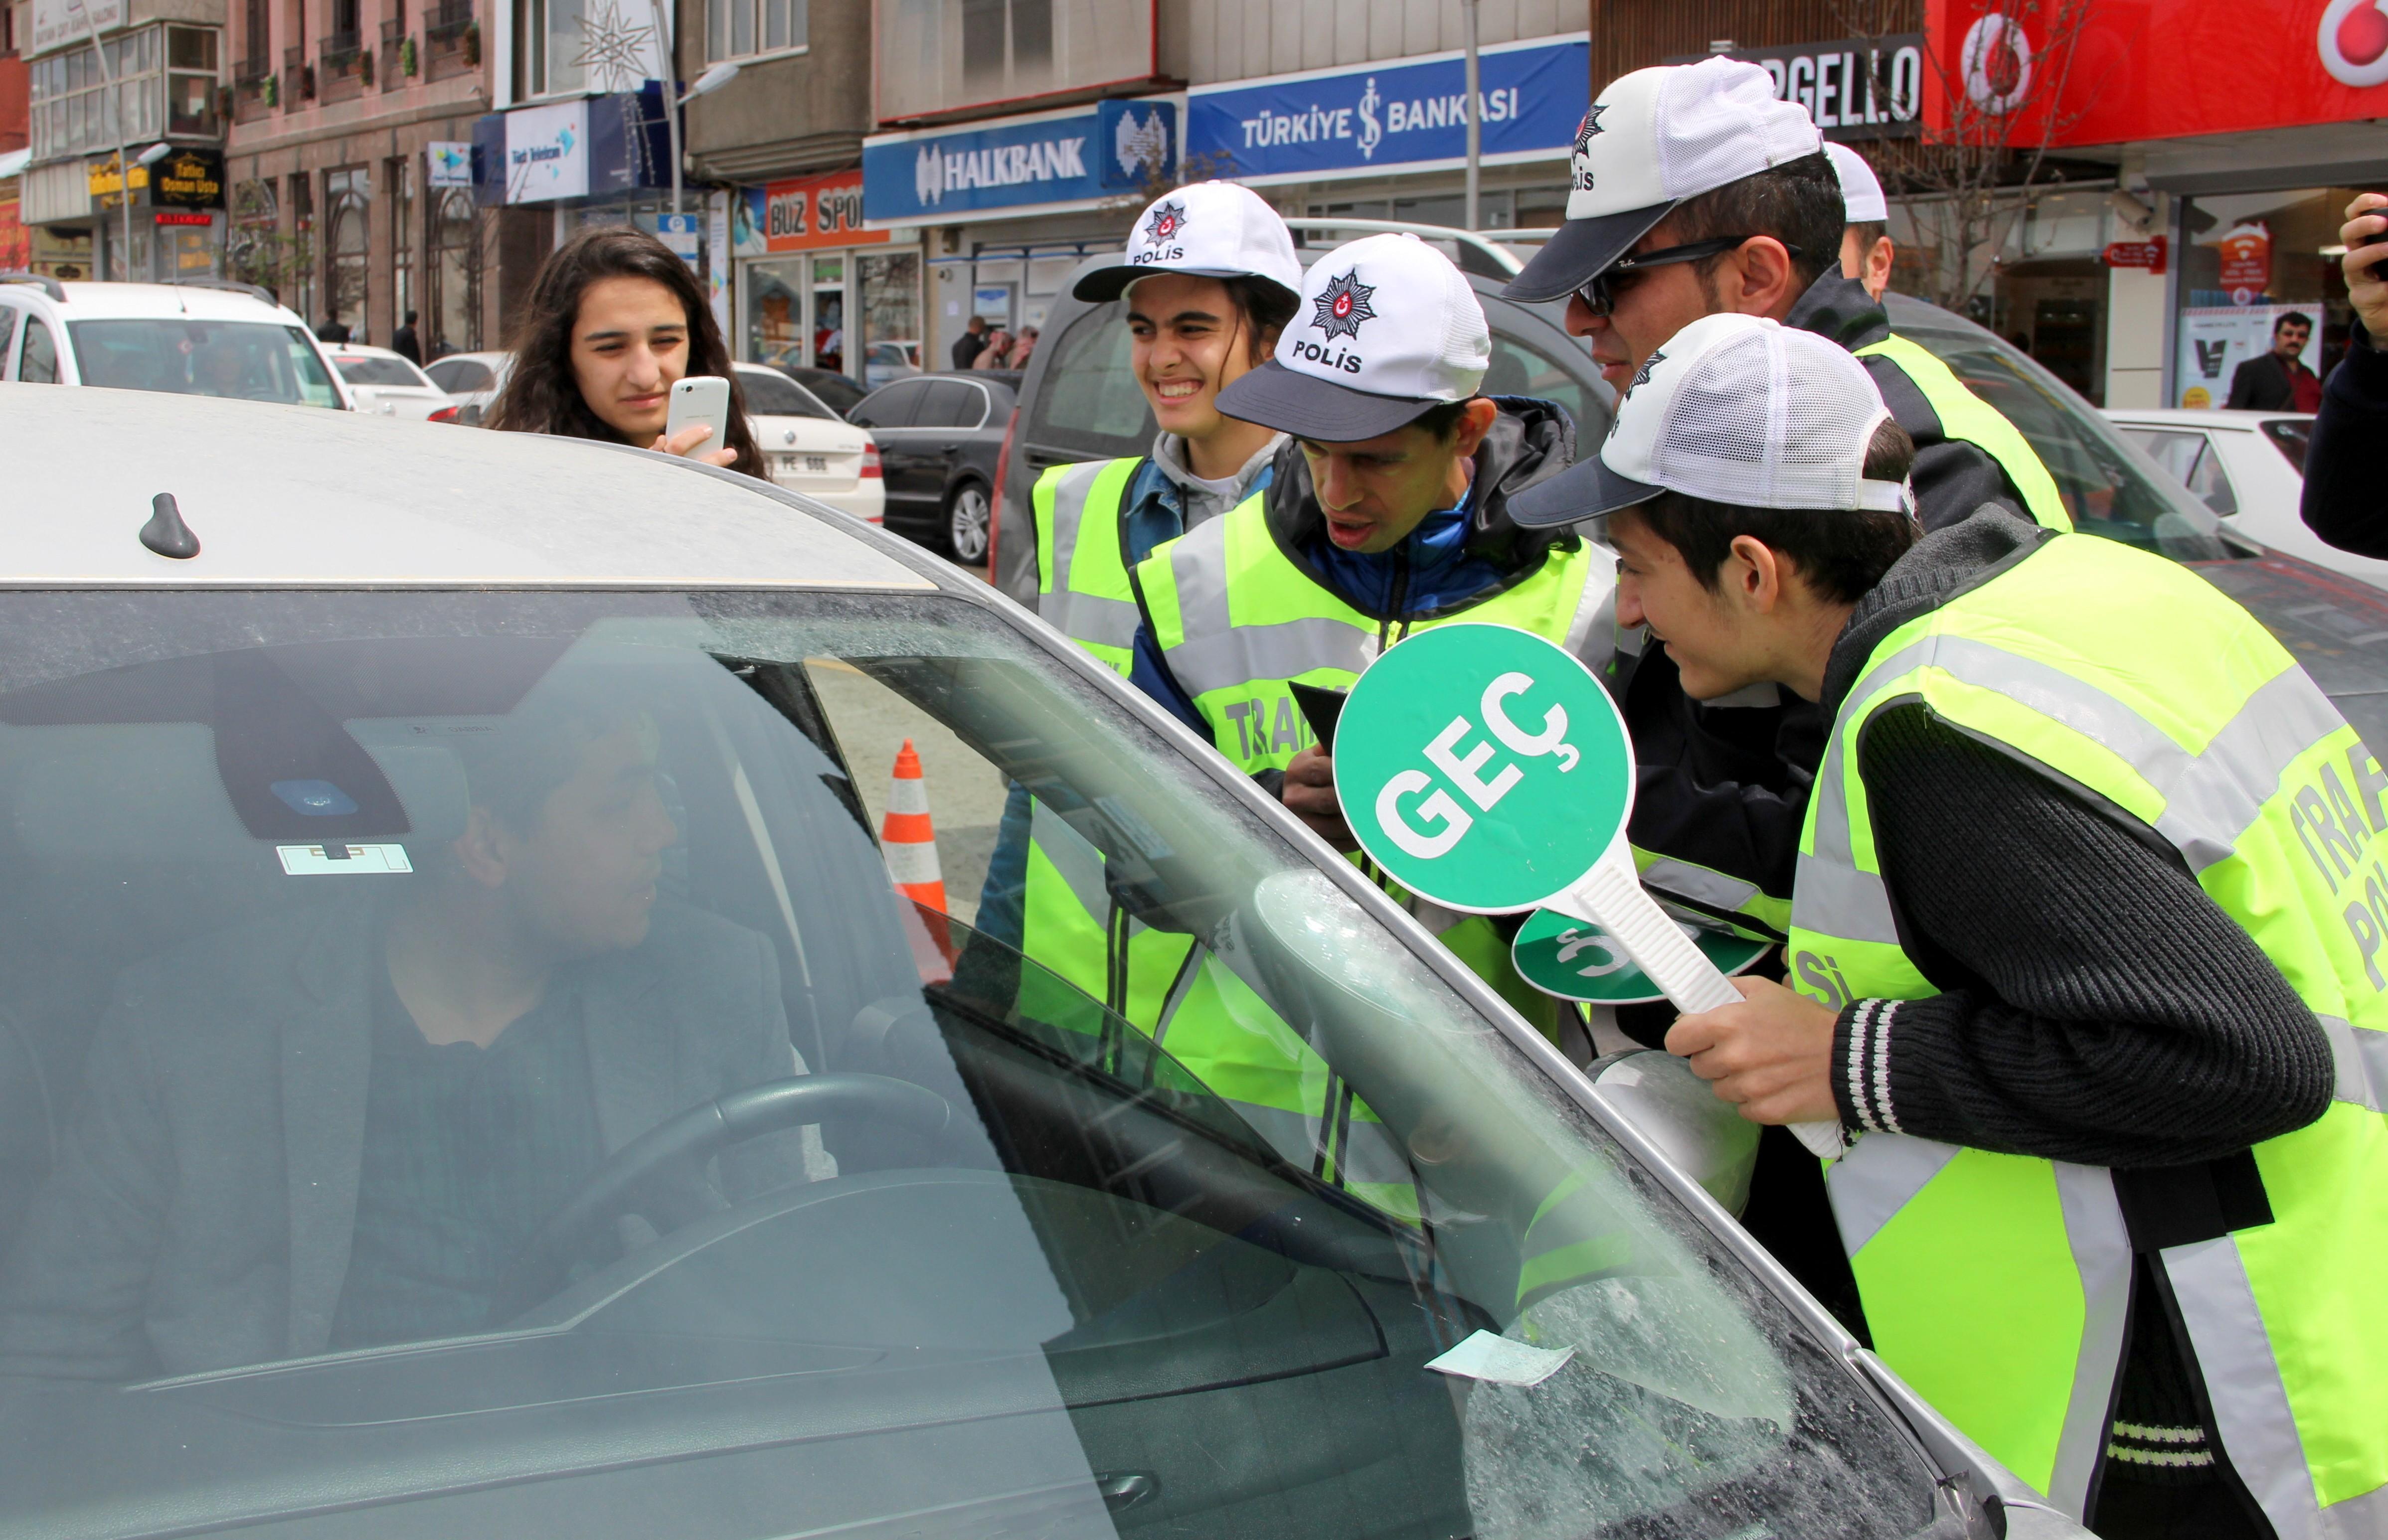 Erzurum'da Engelli çocuklar trafik polisi oldu